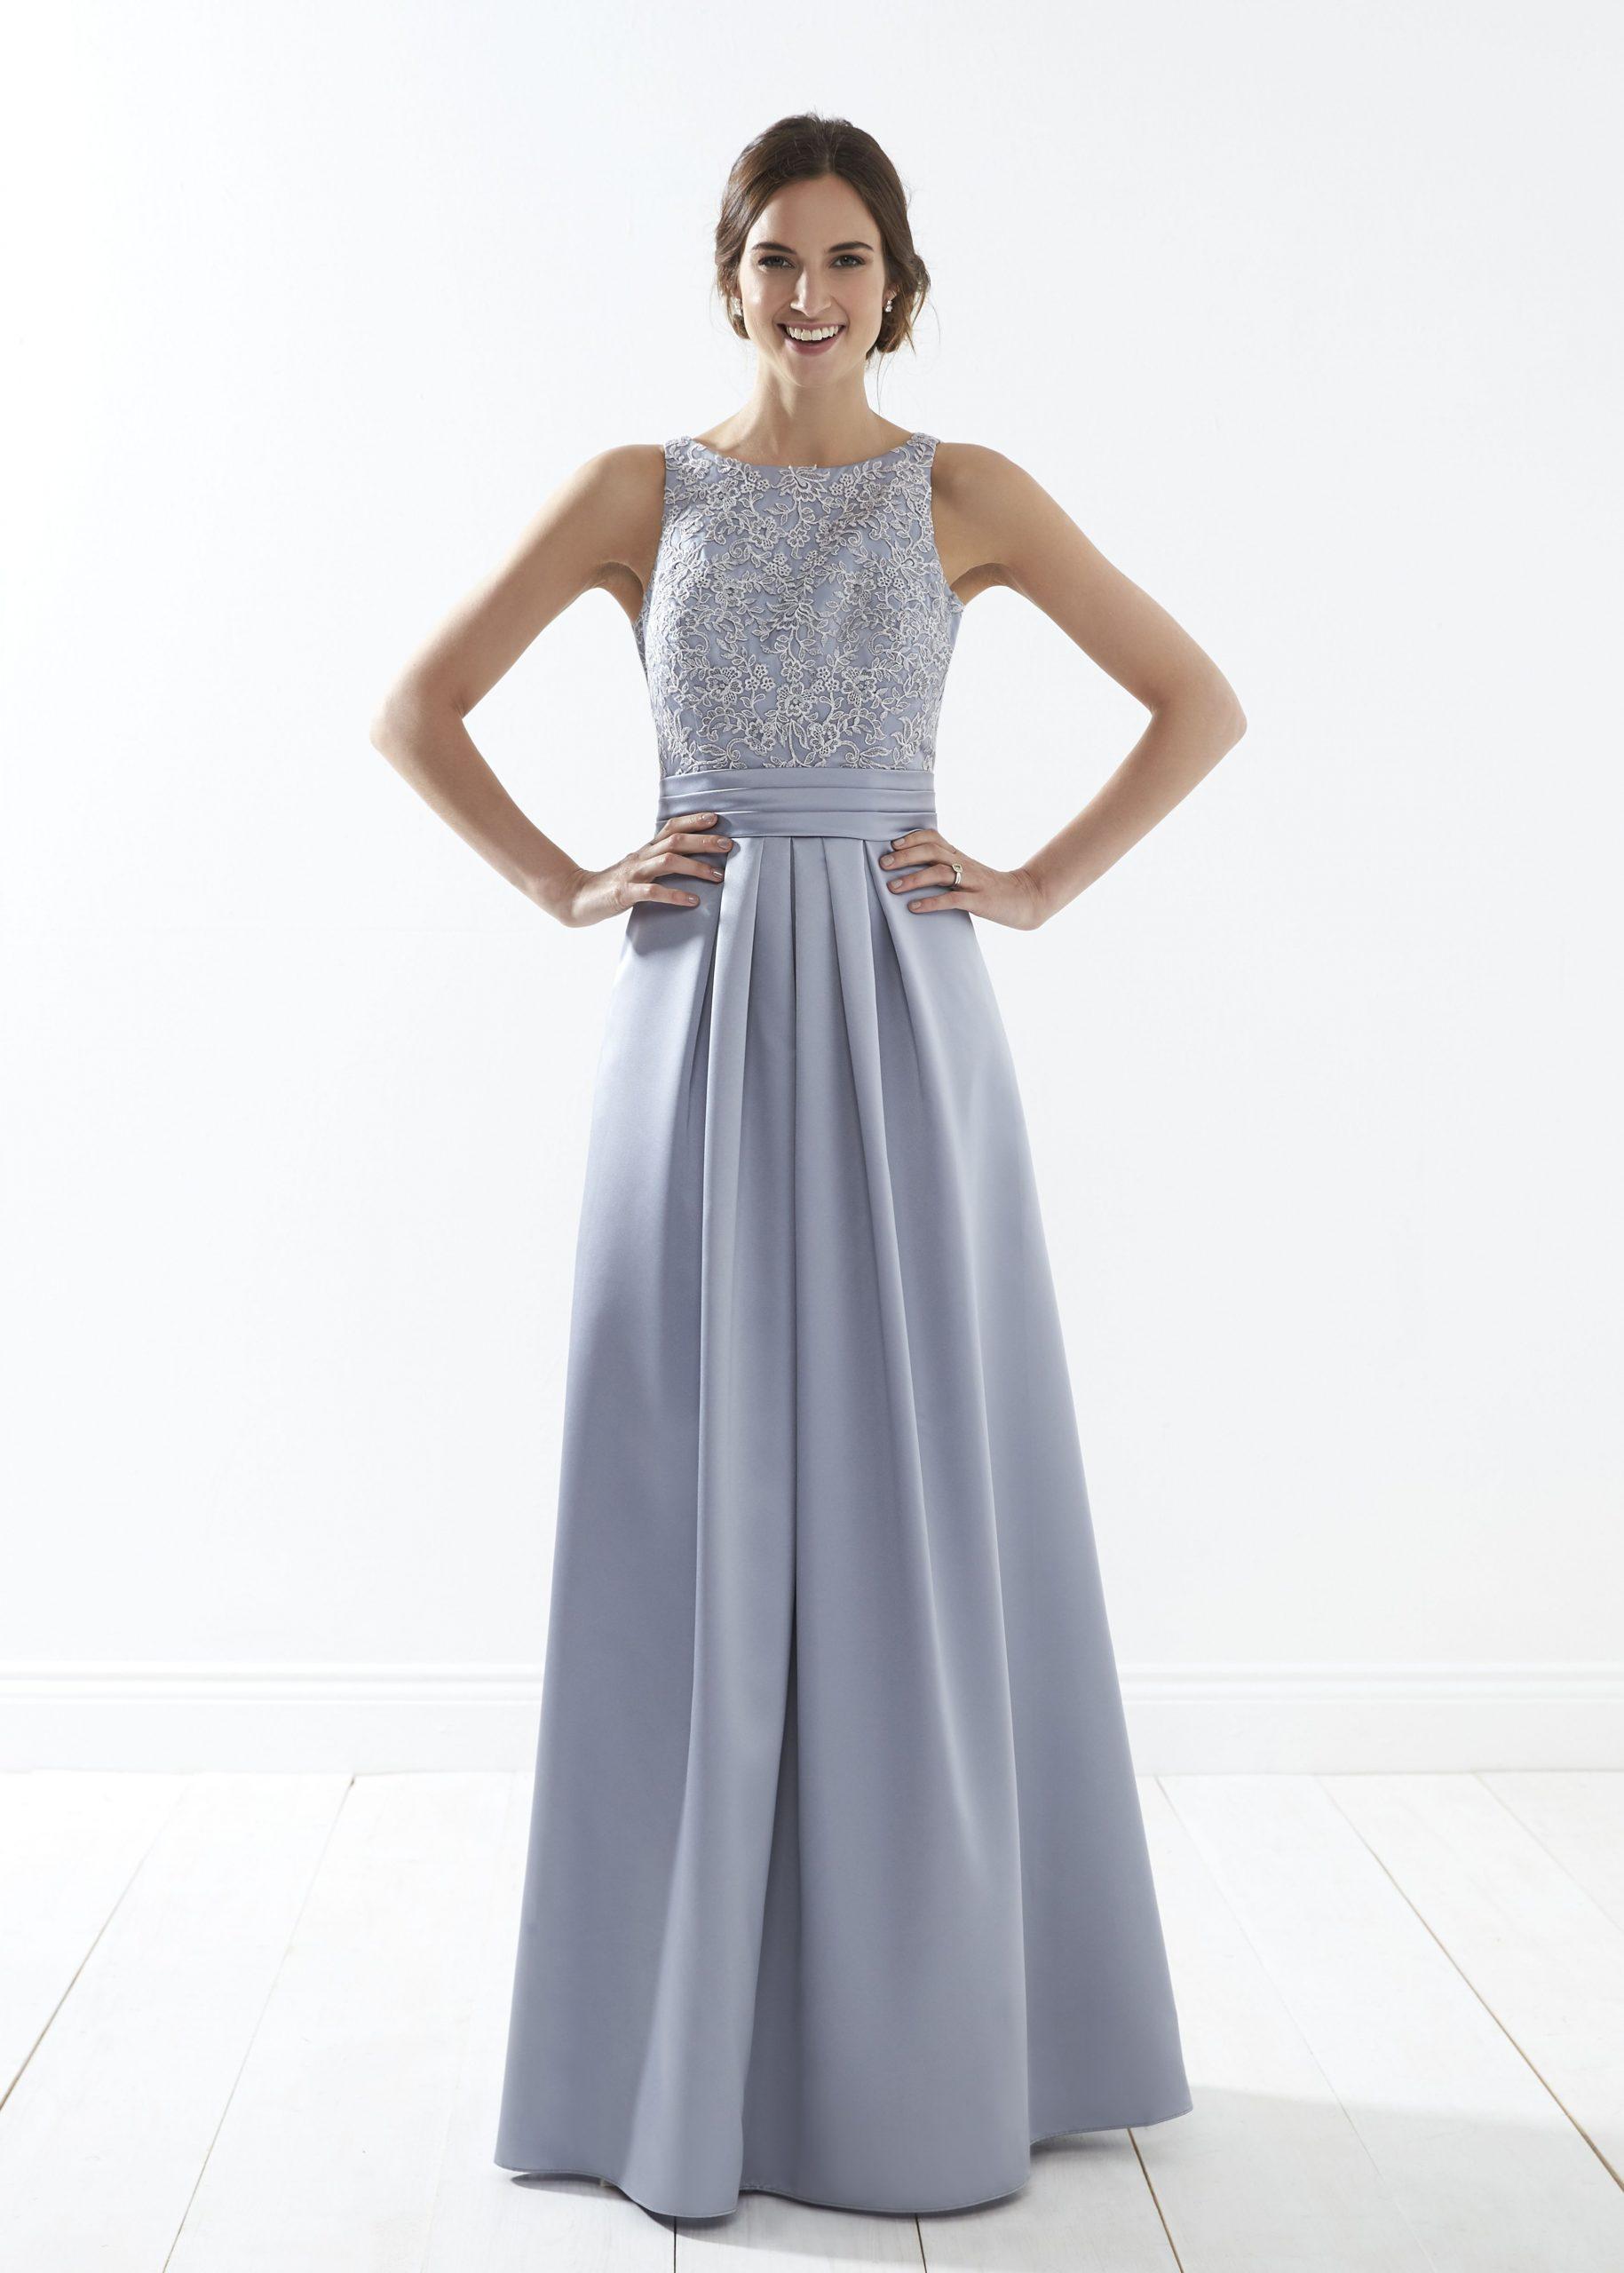 10 Kreativ Abendkleider Norderstedt DesignFormal Luxus Abendkleider Norderstedt Design